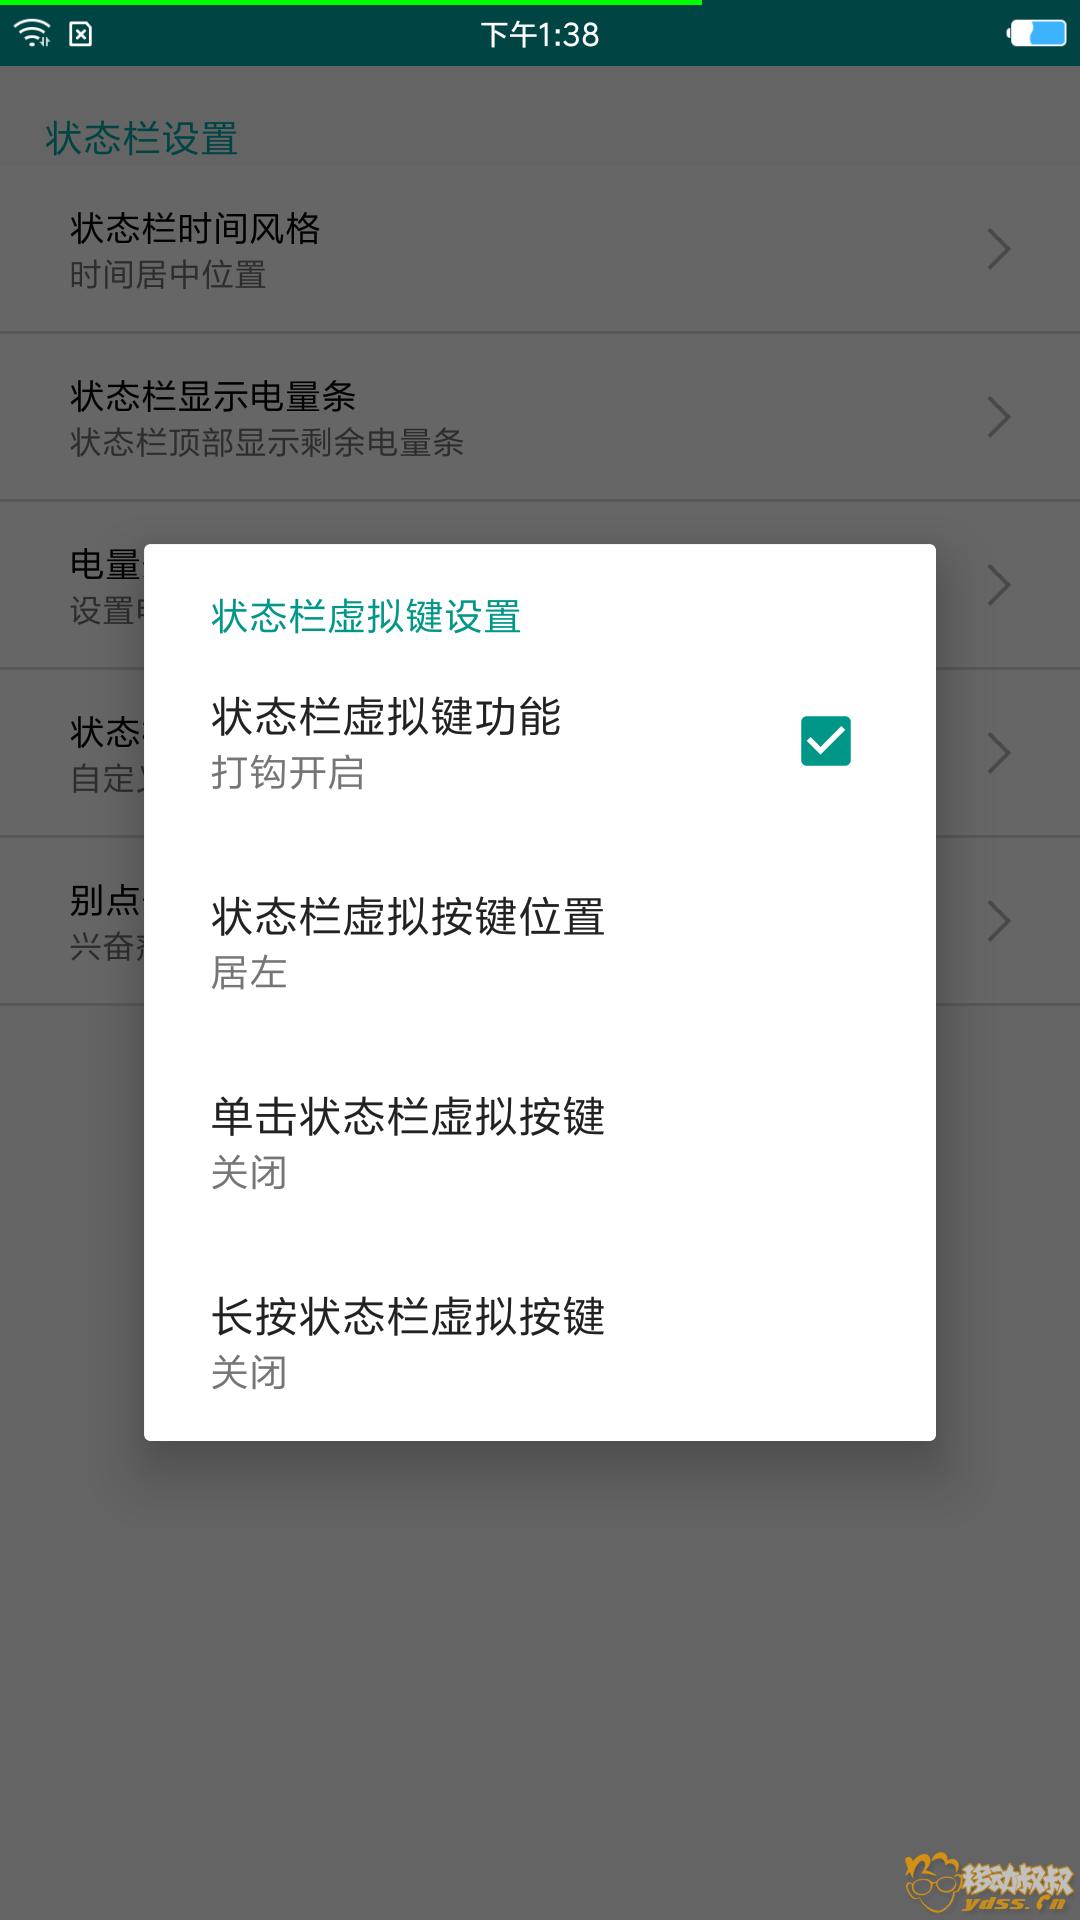 Screenshot_2018-09-19-13-38-48-537_com.lay.superTool.png